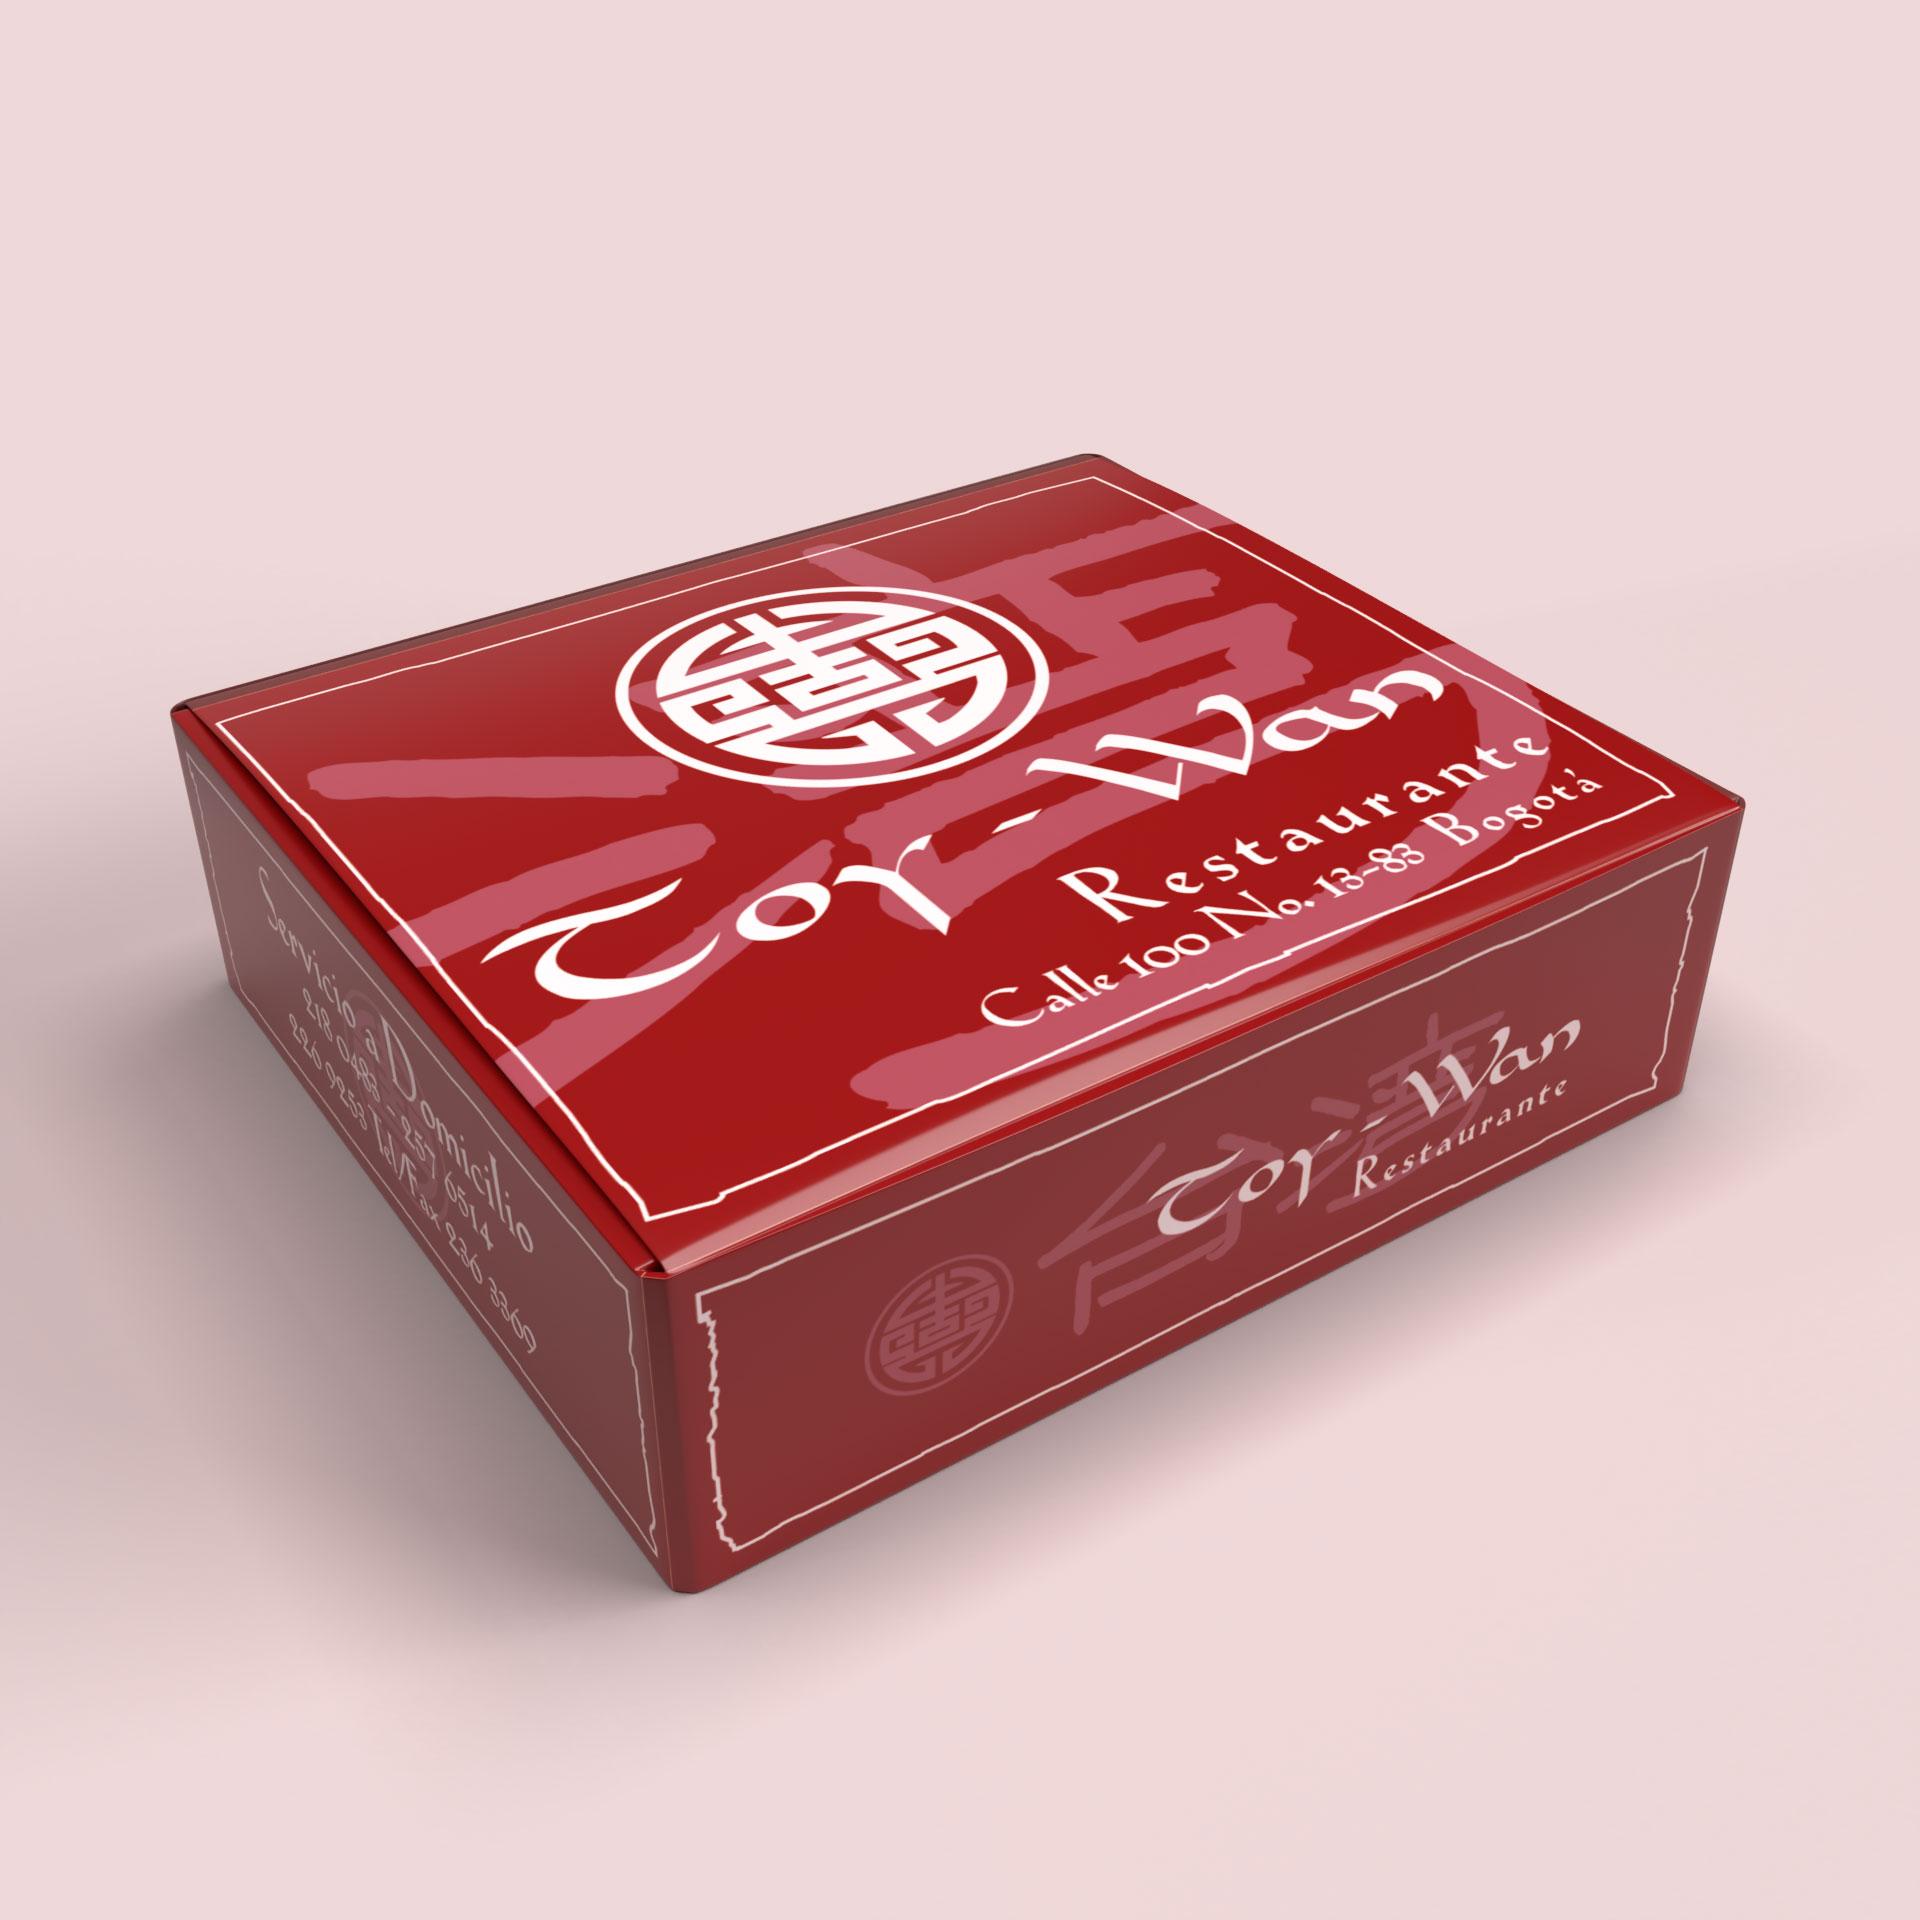 Diseño de caja para domicilios del Restaurante chino Toy Wan